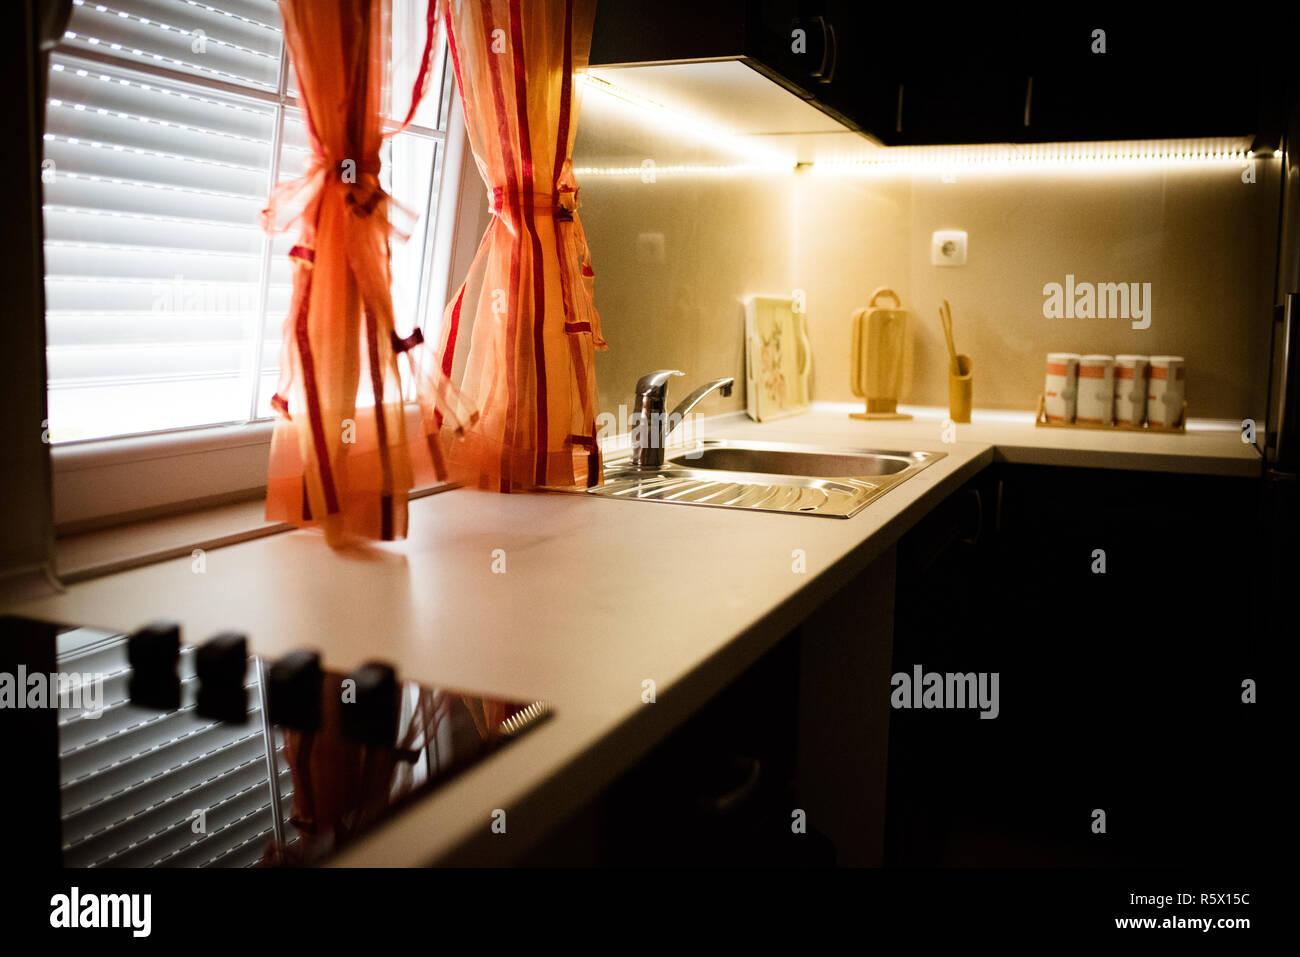 Moderne Küche Arbeitsplatte mit ledlights und moderne ...